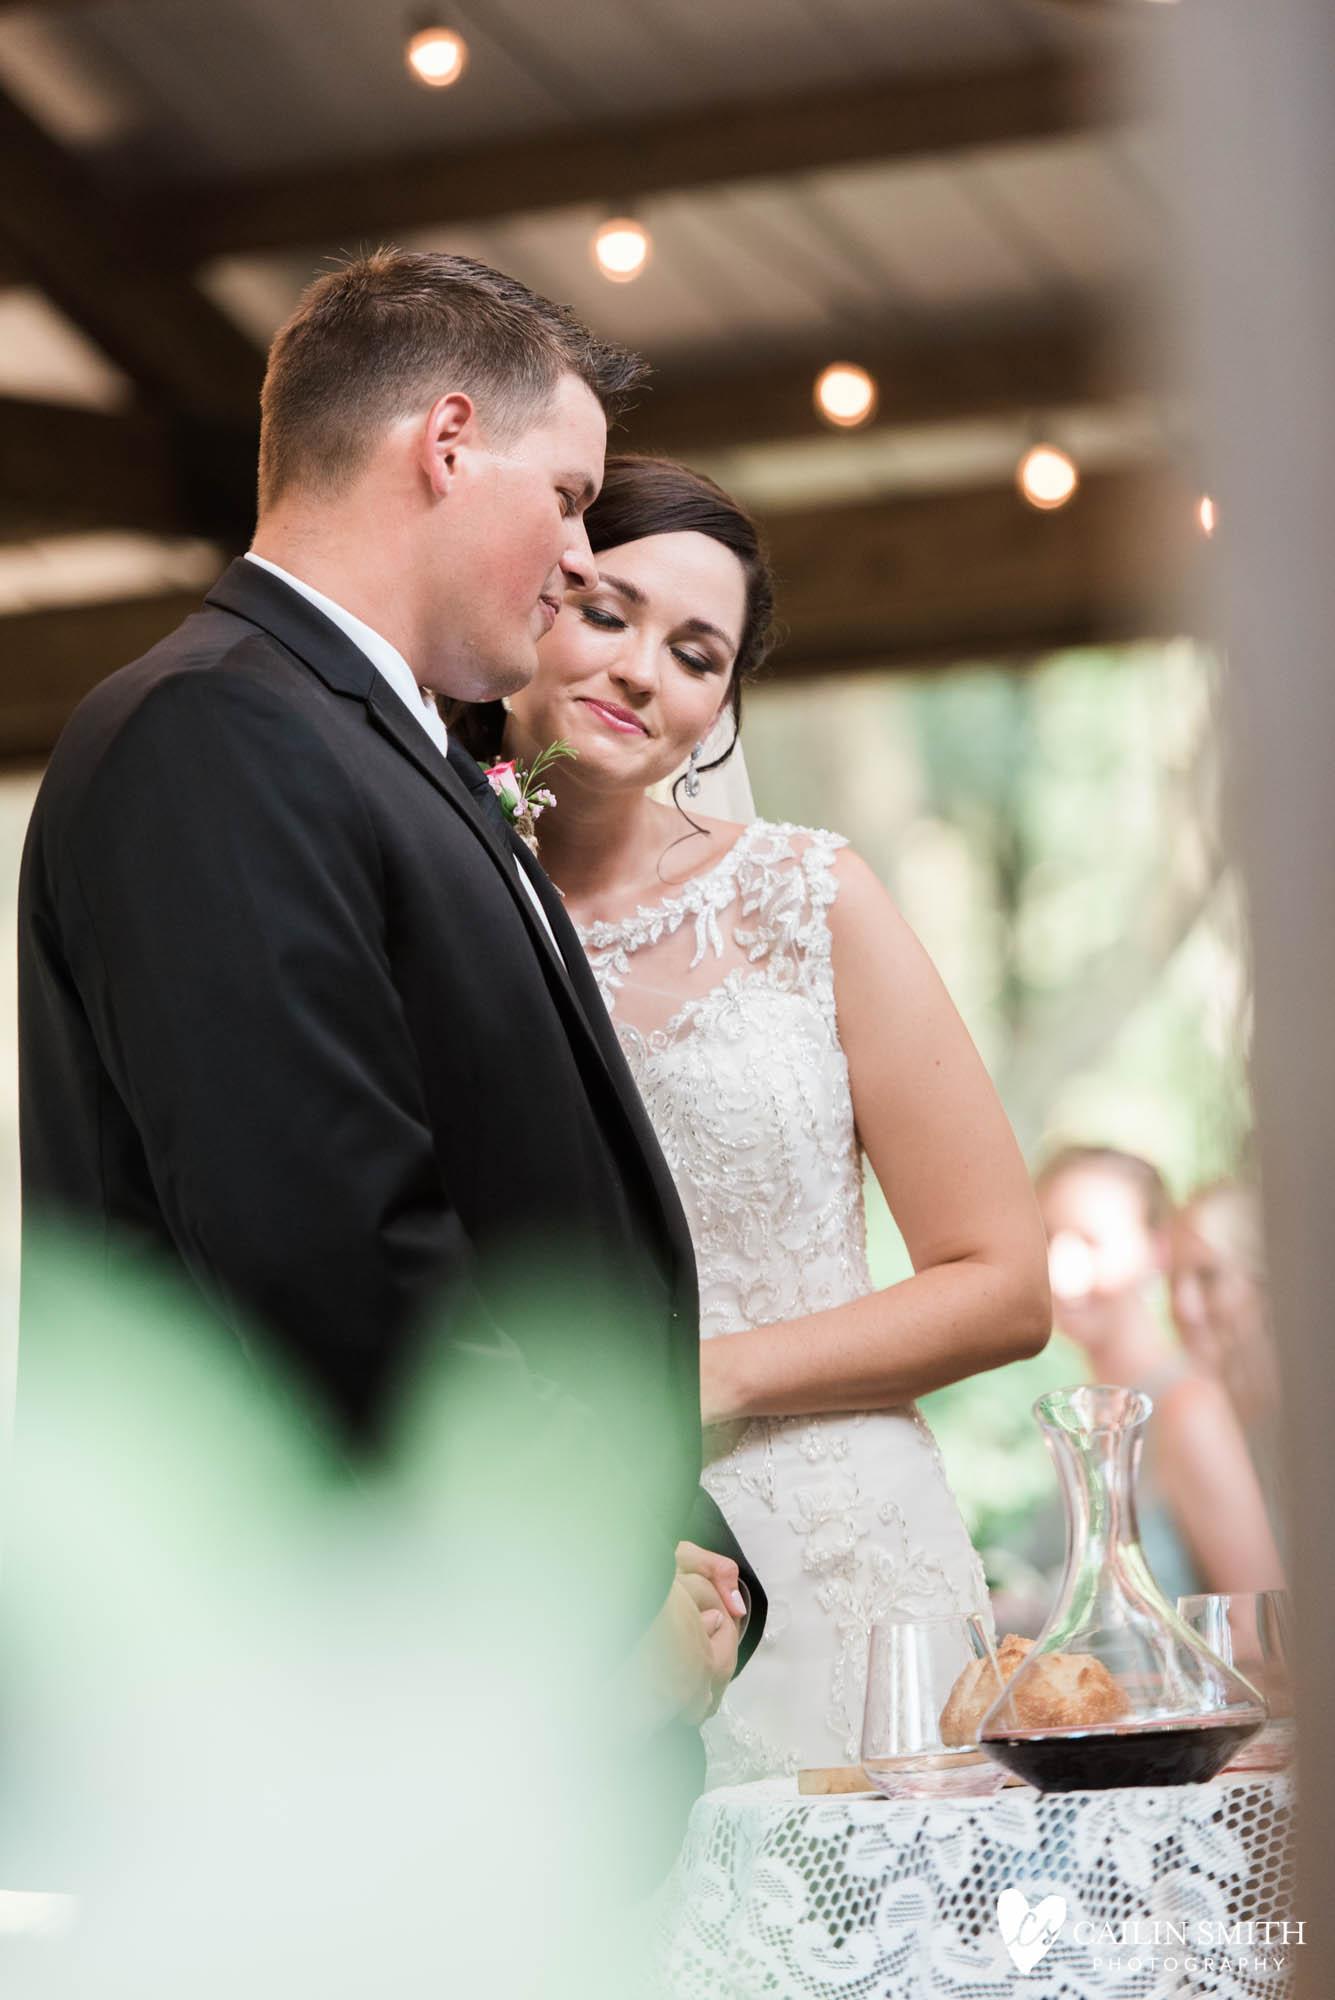 Bethany_Kyle_Bowing_Oaks_Plantation_Wedding_Photography_0072.jpg